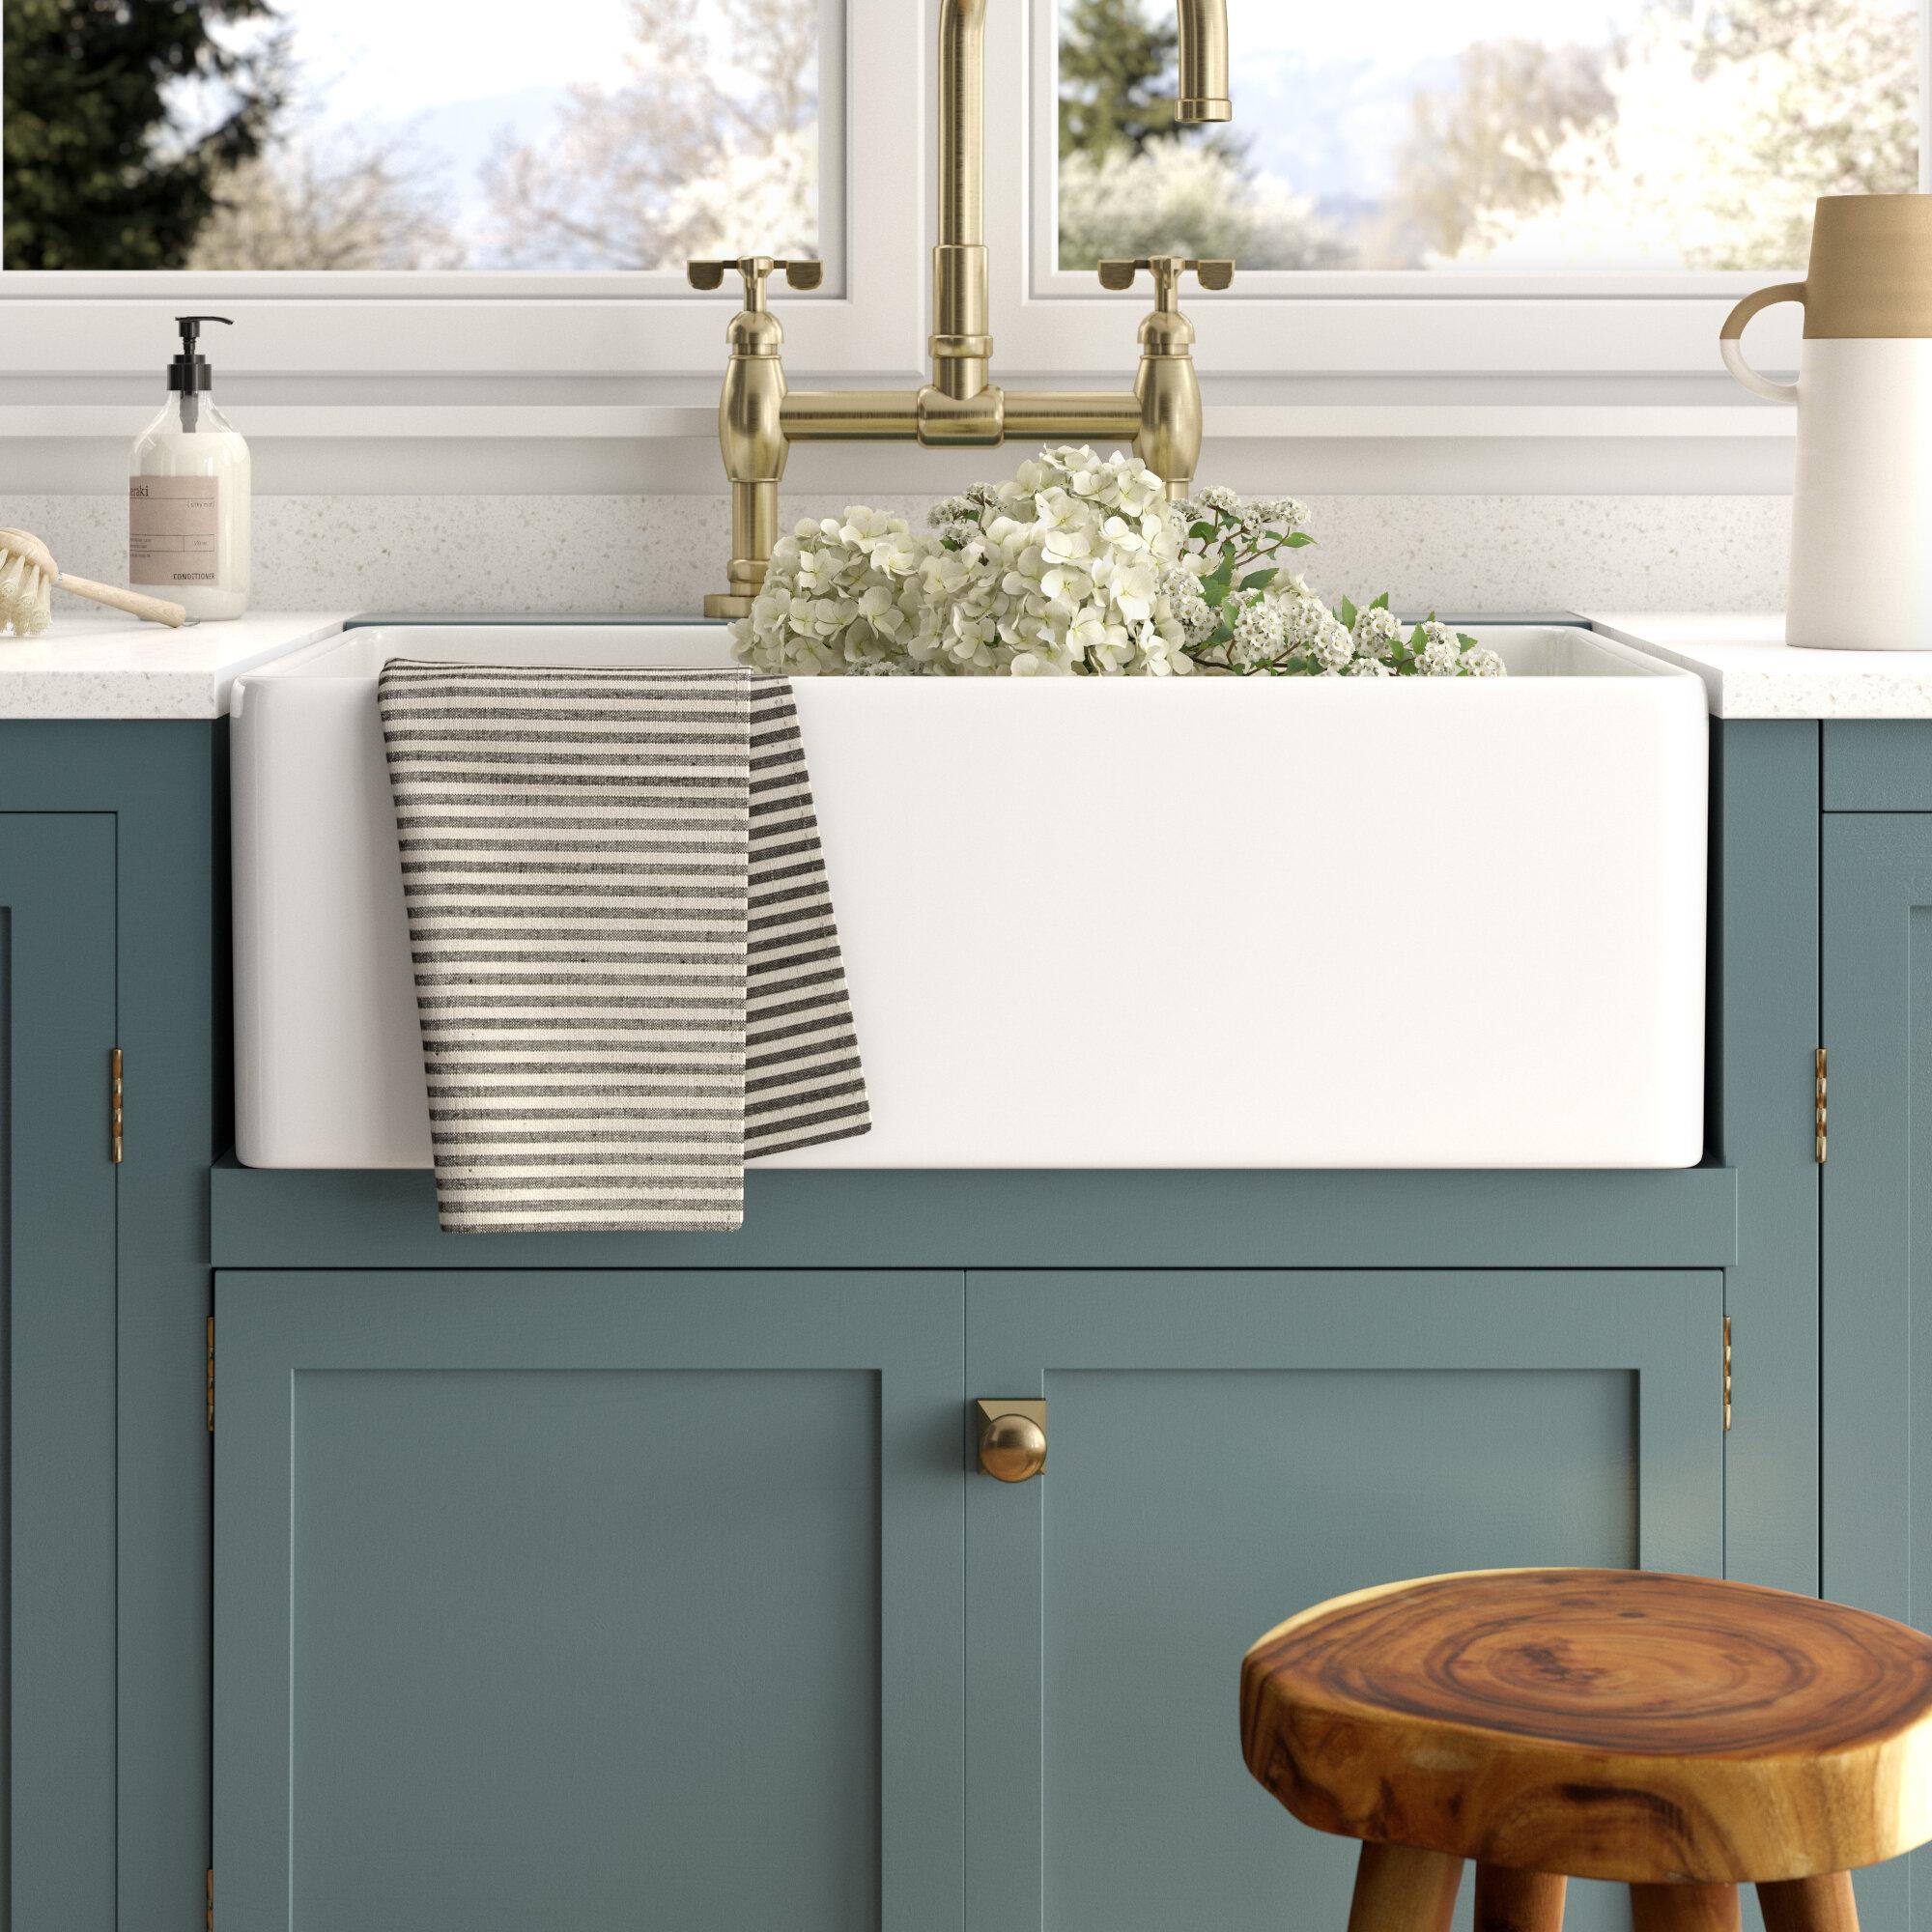 Desalvo 33 L X 20 W Farmhouse Kitchen Sink With Basket Strainer Reviews Birch Lane